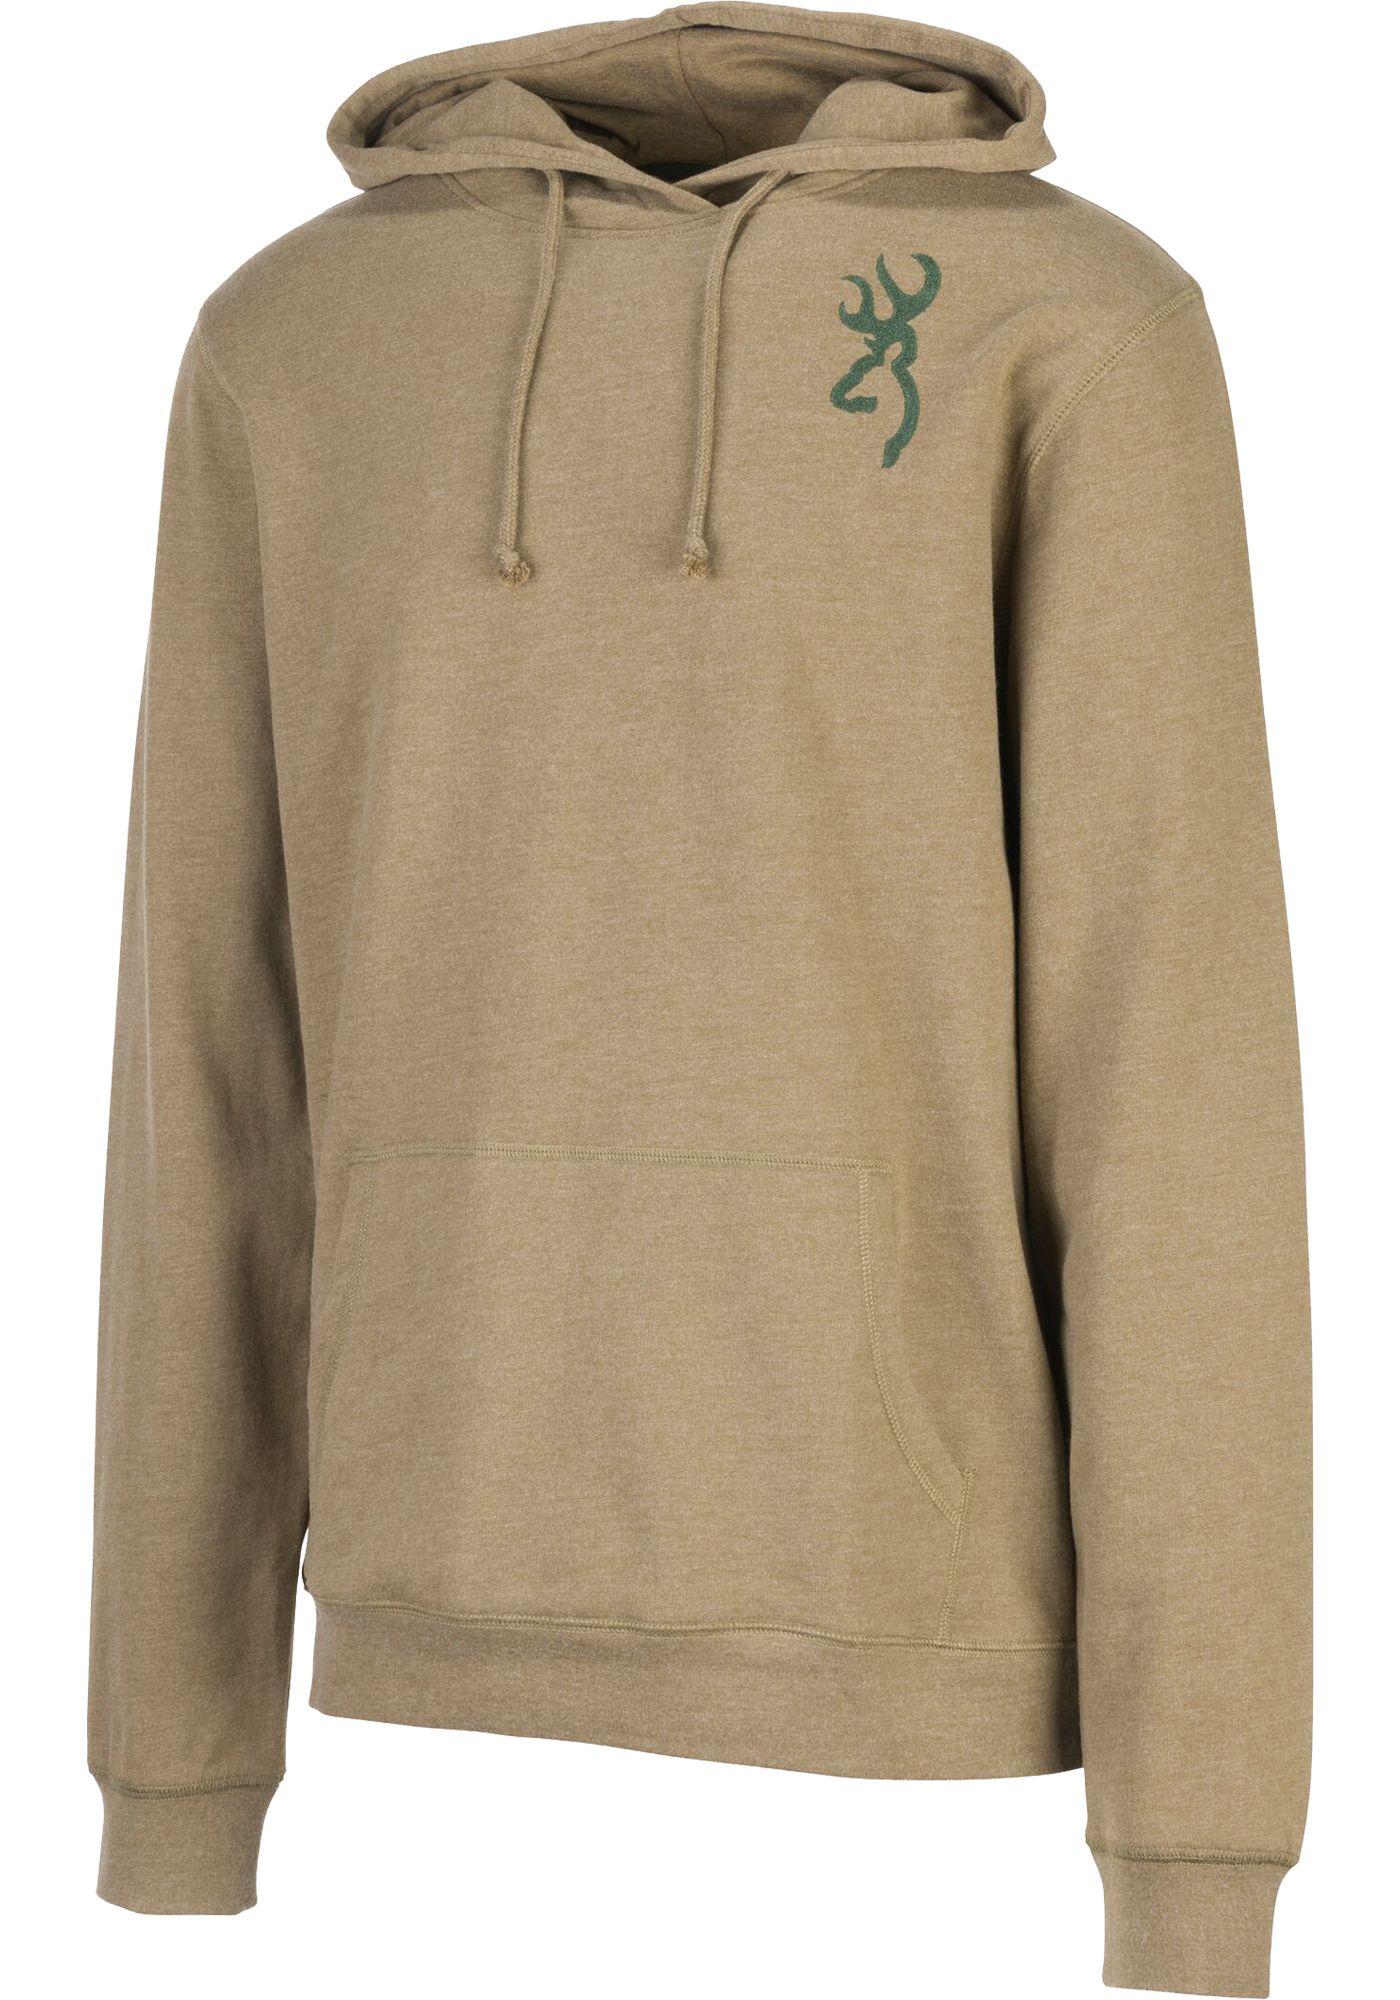 Browning Men's Grandview Fleece Sweatshirt